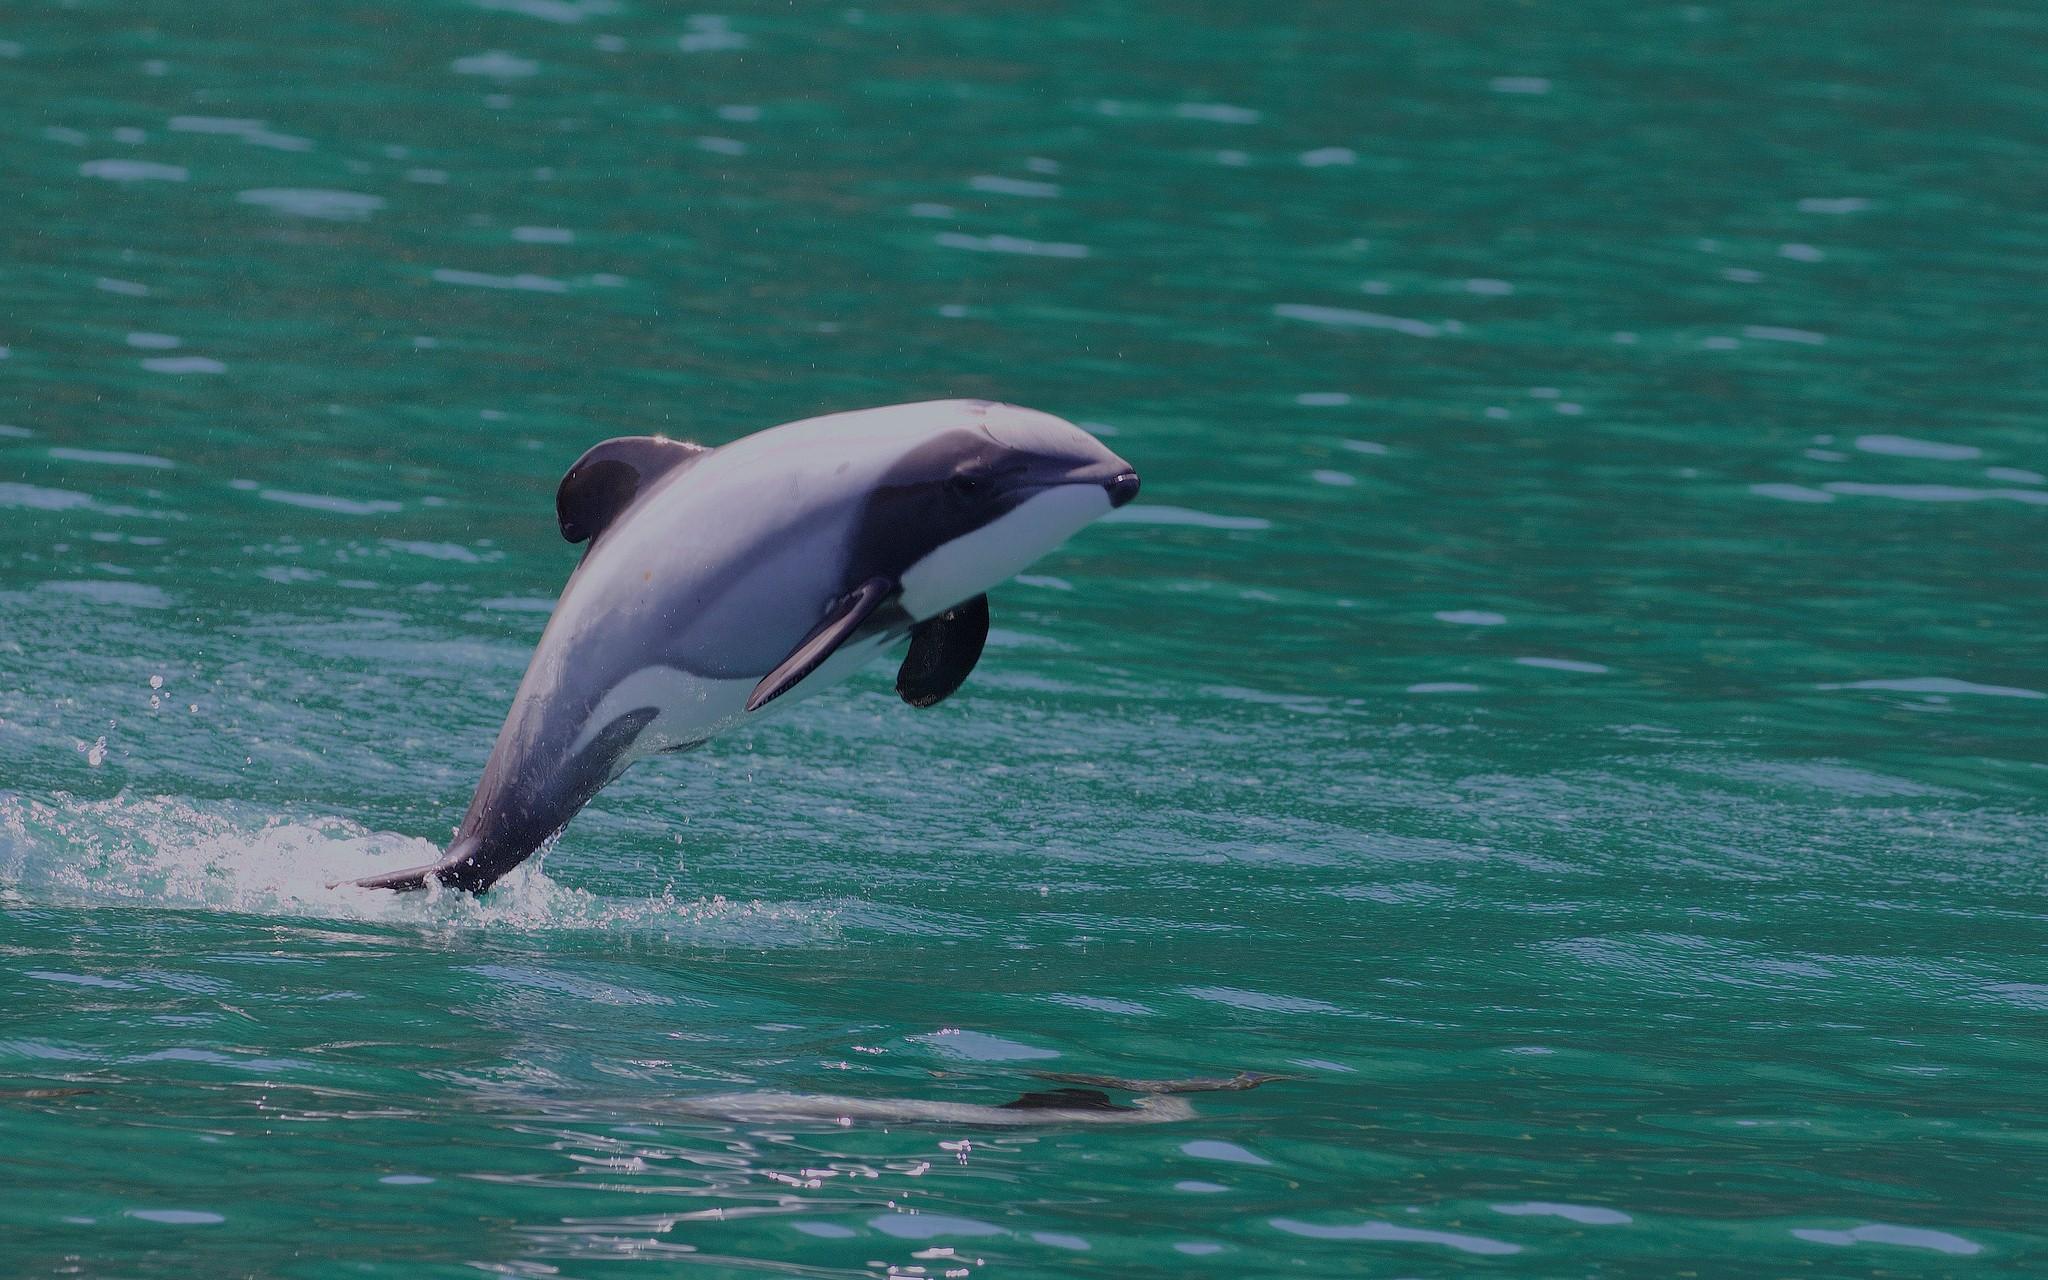 """圖一:紐西蘭特有的赫氏矮海豚。圖片來源:Gregory """"Slobirdr"""" Smith @Flickr (CC BY-SA 2.0)"""